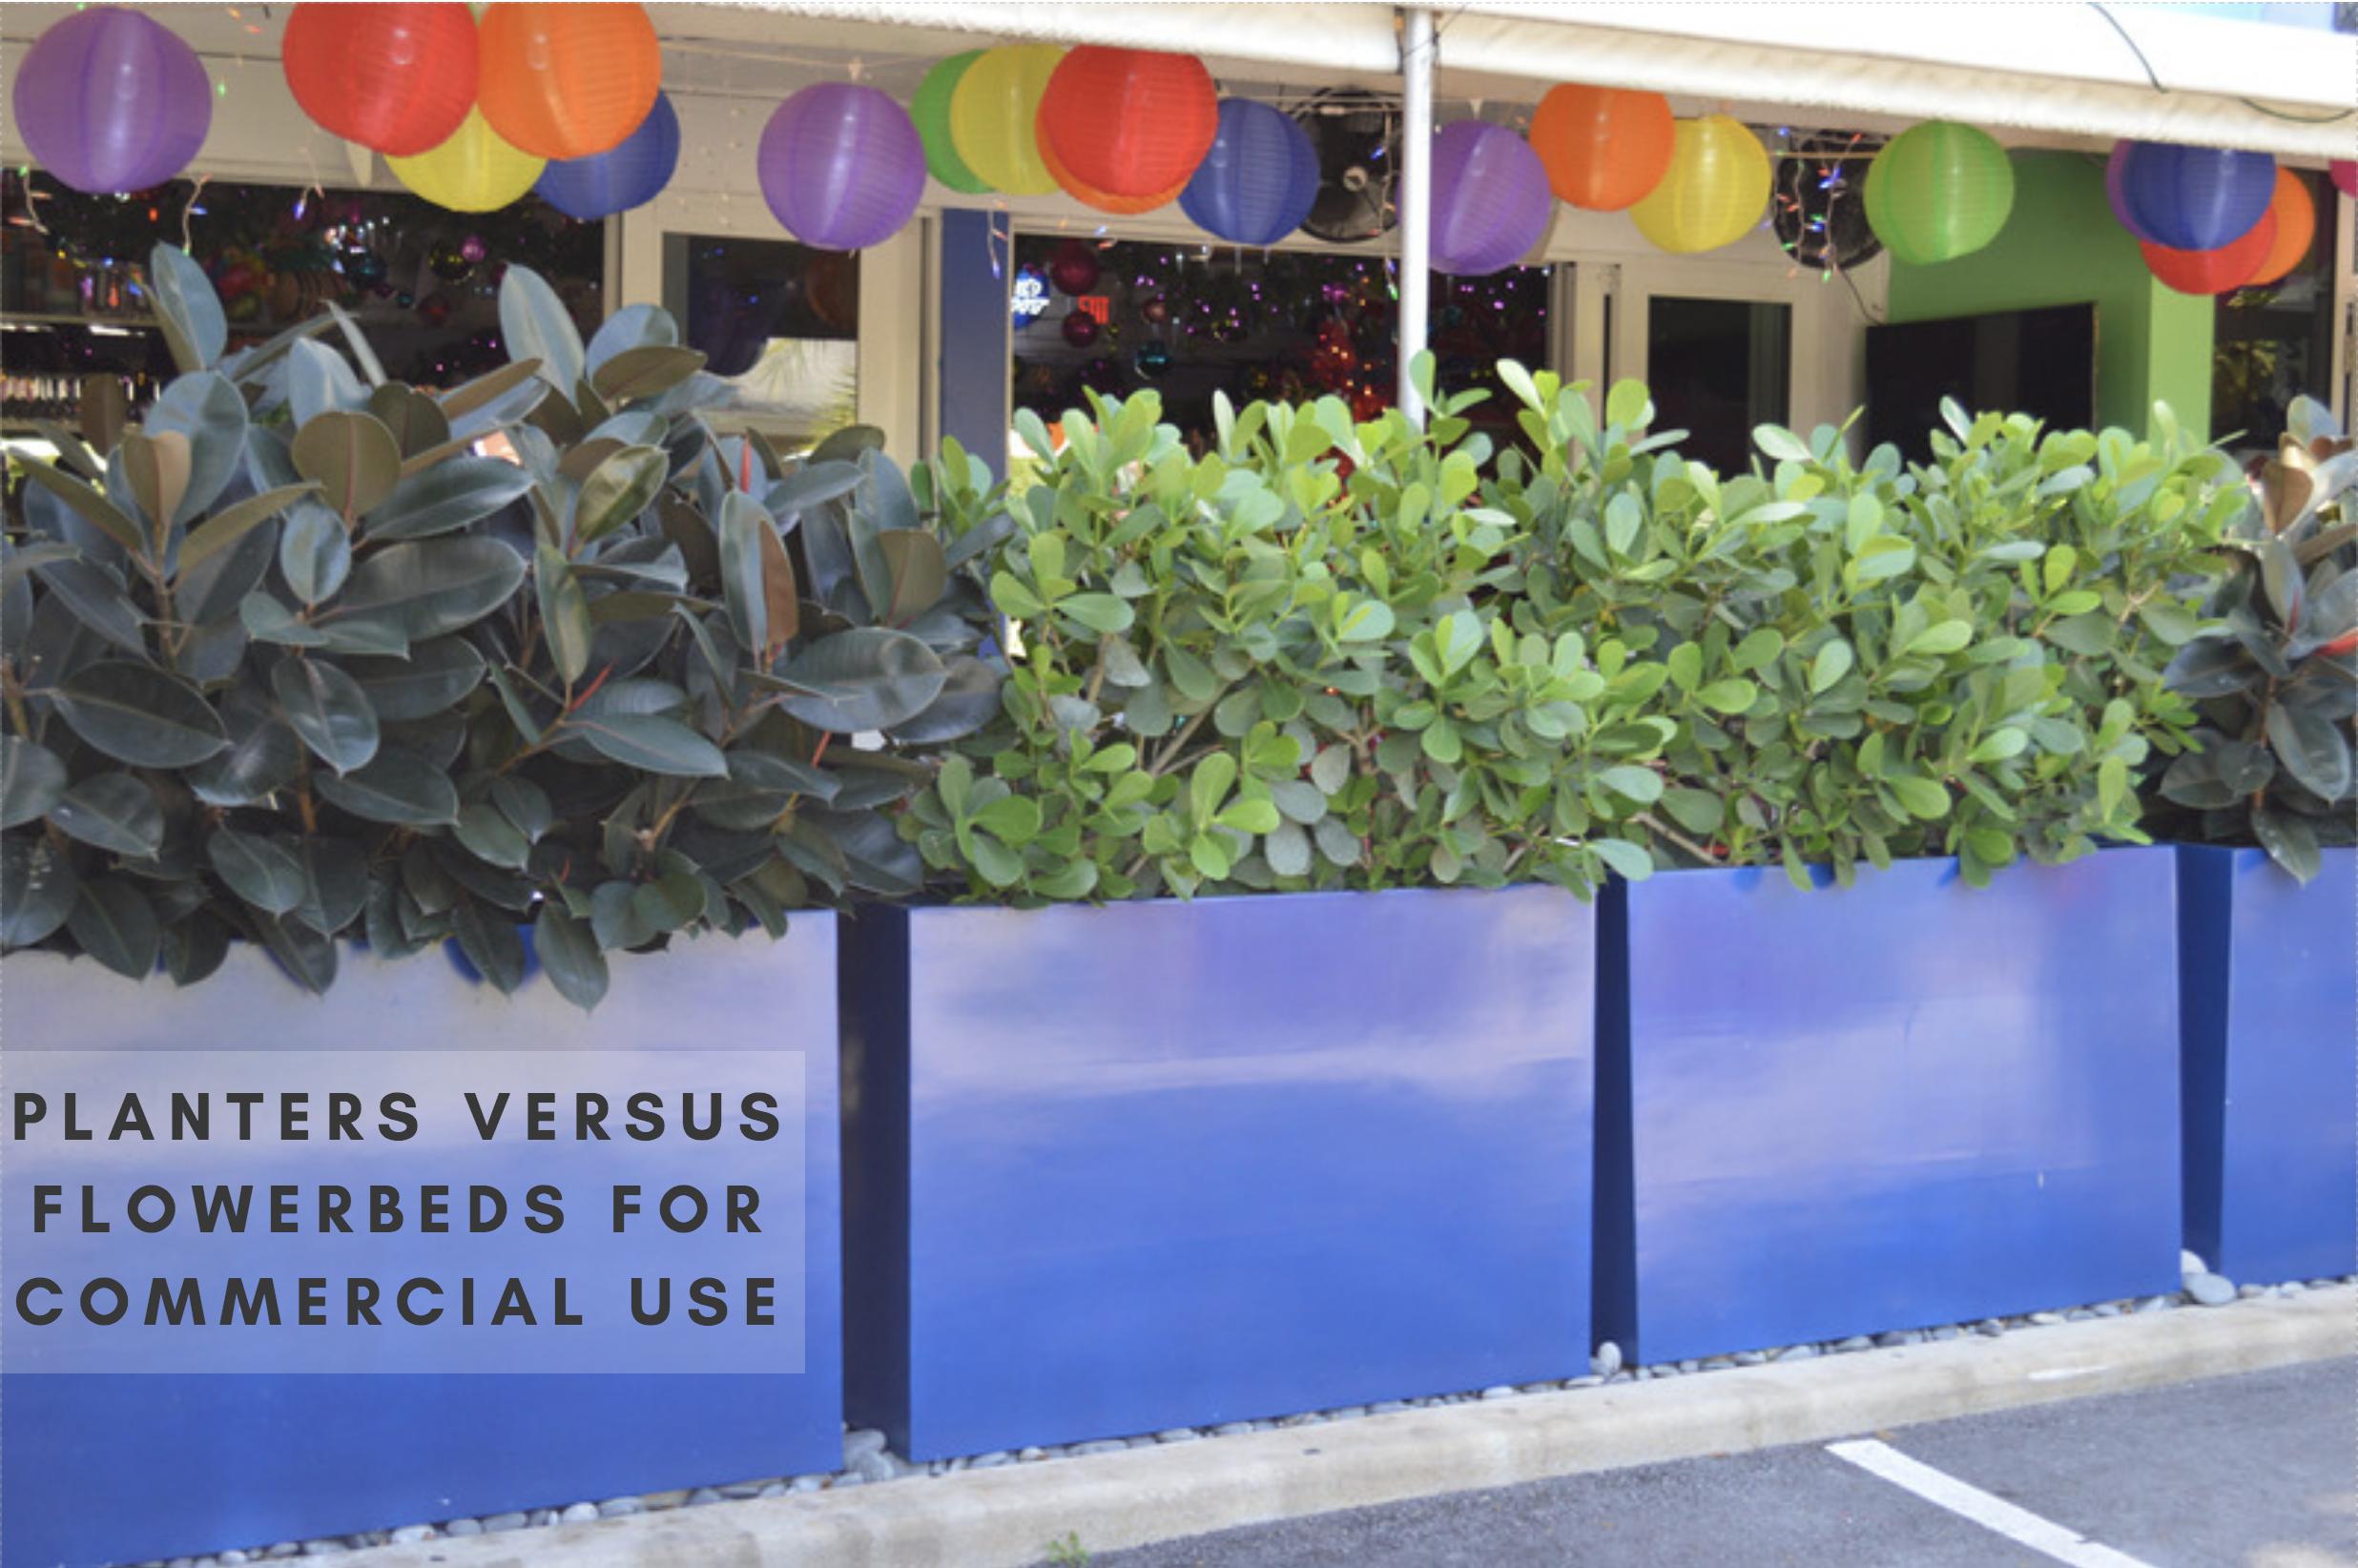 Planters Versus Flowerbeds